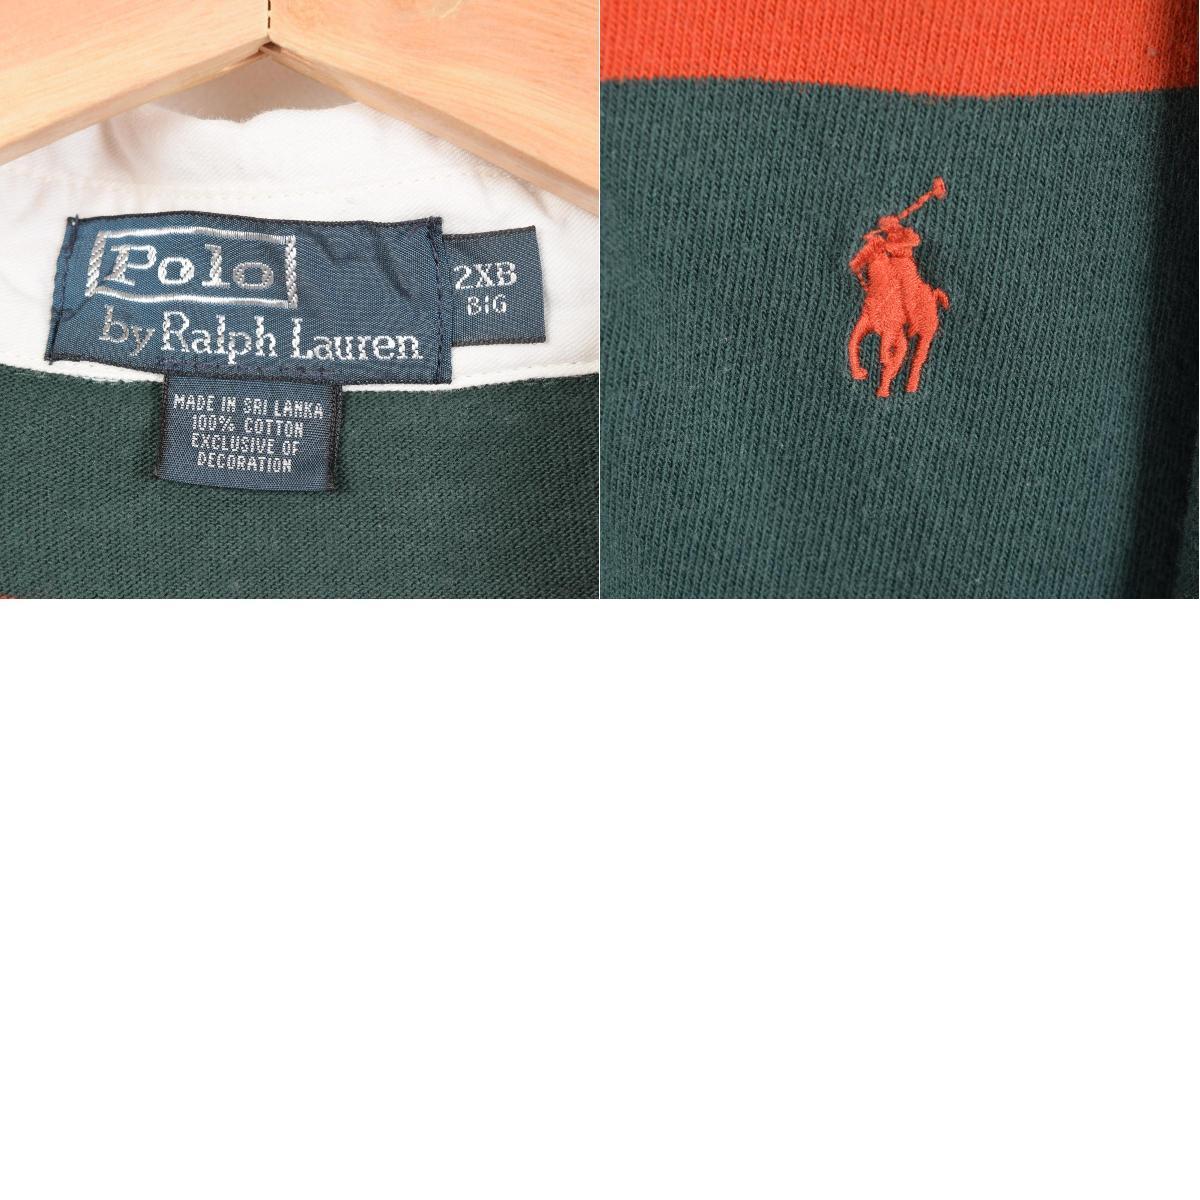 拉尔夫劳伦POLO by Ralph Lauren食物从属于的橄榄球衬衫人XXL Ralph Lauren/wex7980